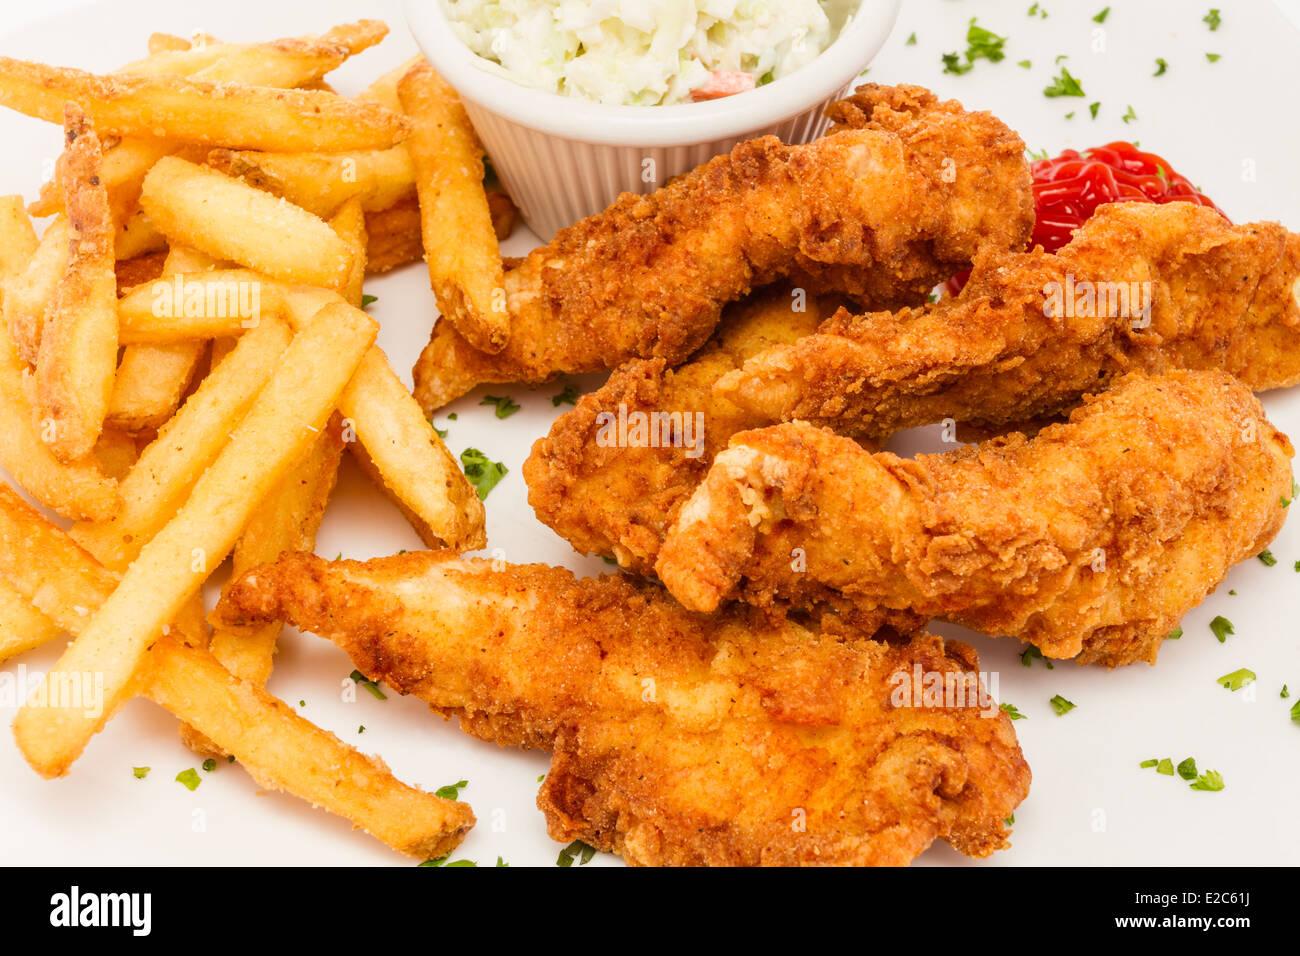 Ofertas de pollo frito servido con patatas fritas y ensalada de col. Imagen De Stock